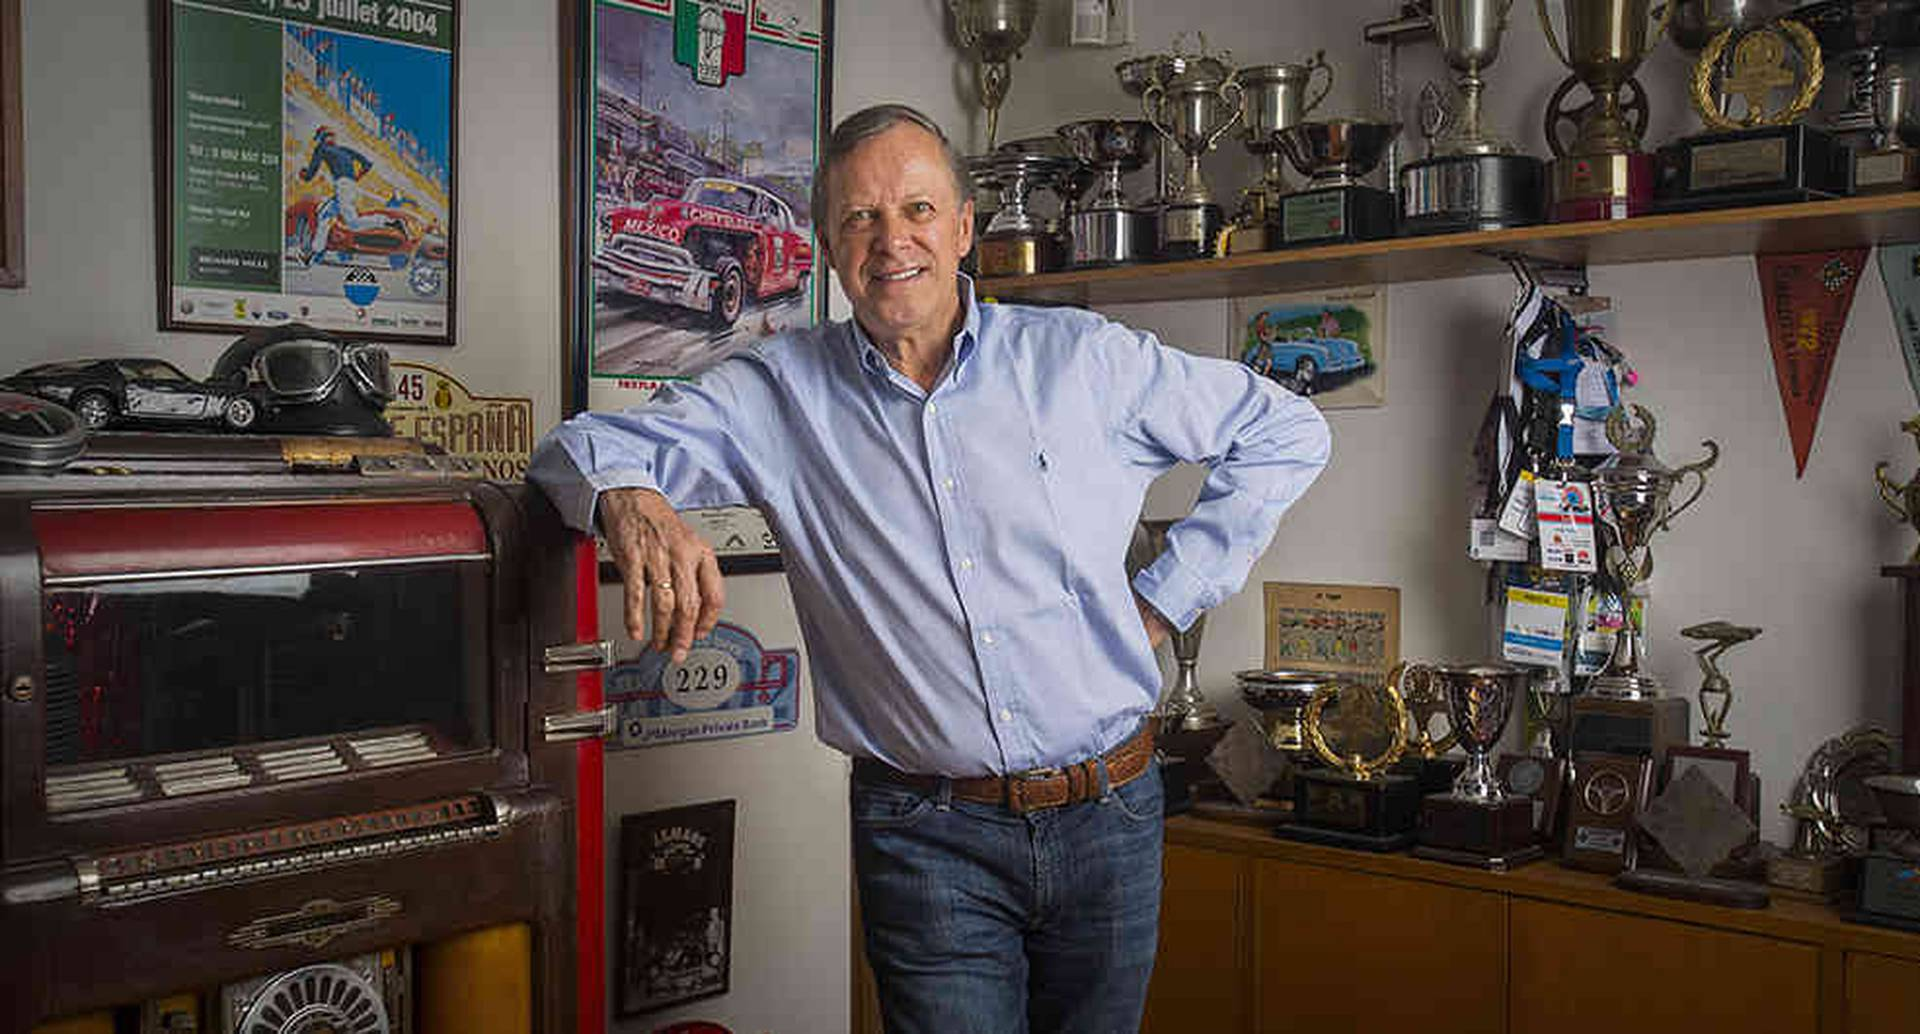 Aparte de ser empresario y coleccionista, Jorge fue un condecorado piloto de carreras hasta que su cuerpo le dijo que no lo hiciera más.